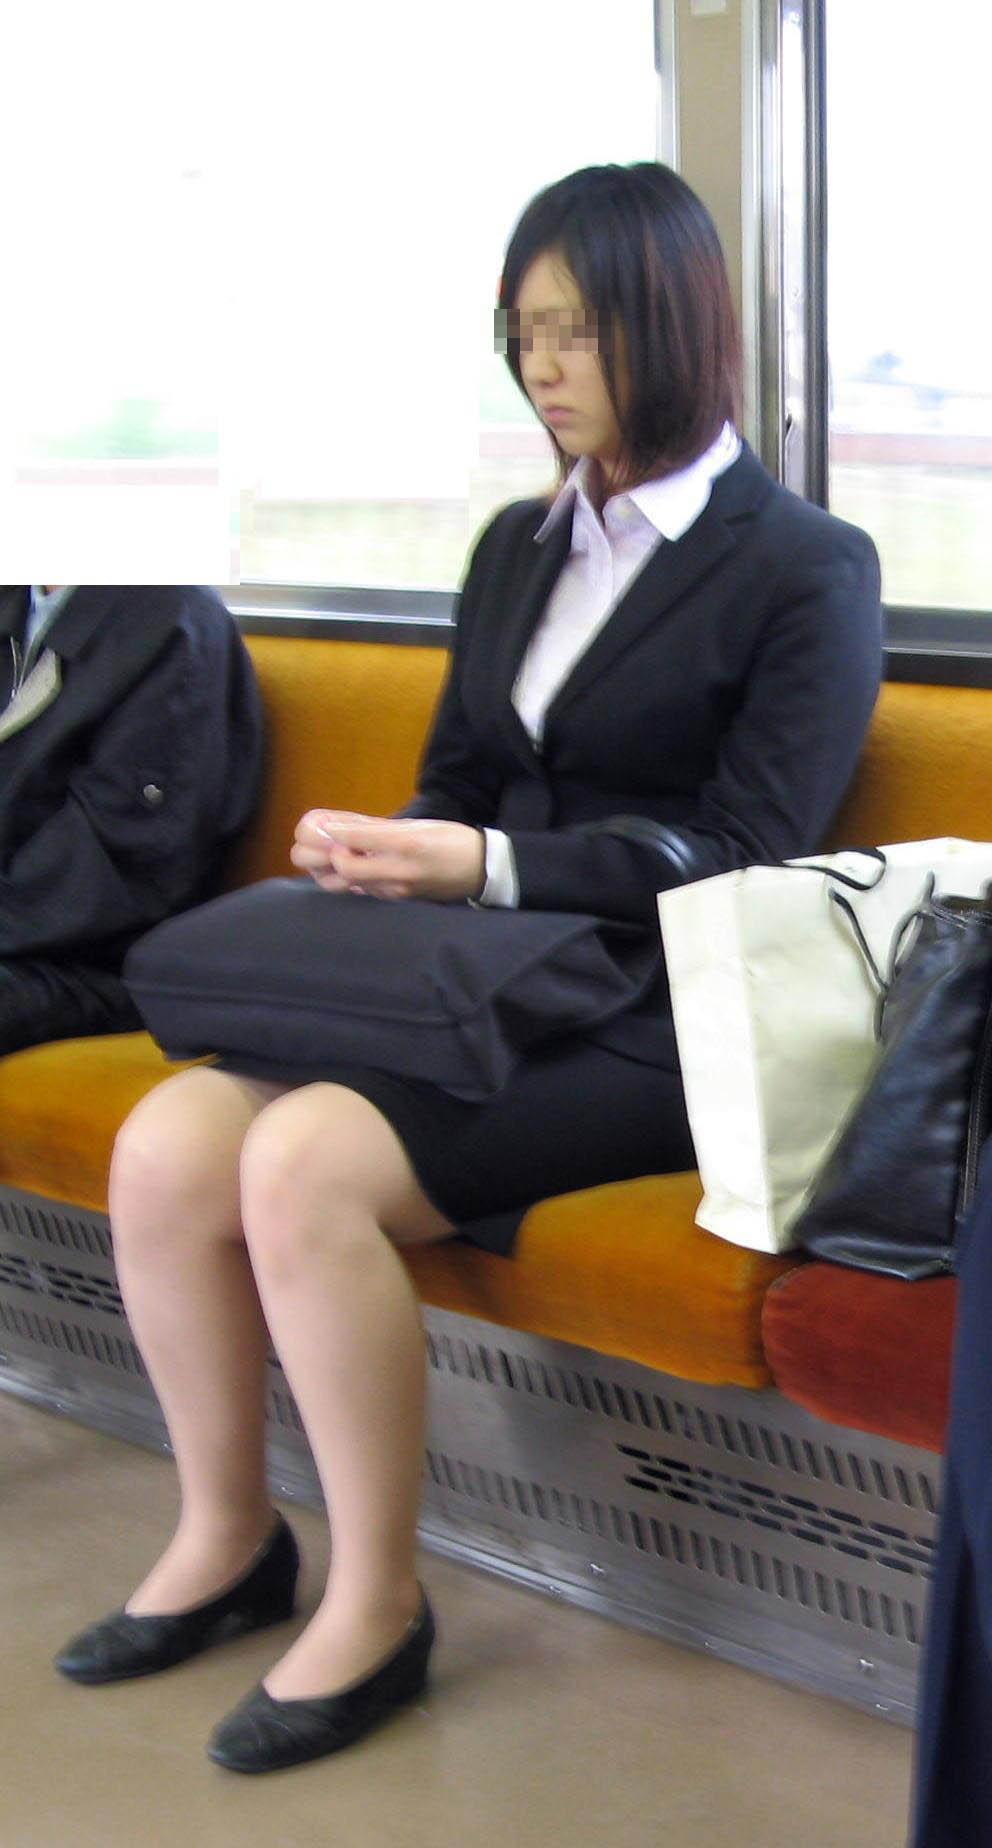 【街撮りリクスーエロ画像】膝下とタイトだけでも十分満たされるwww就活中のリクスー女子たち 15